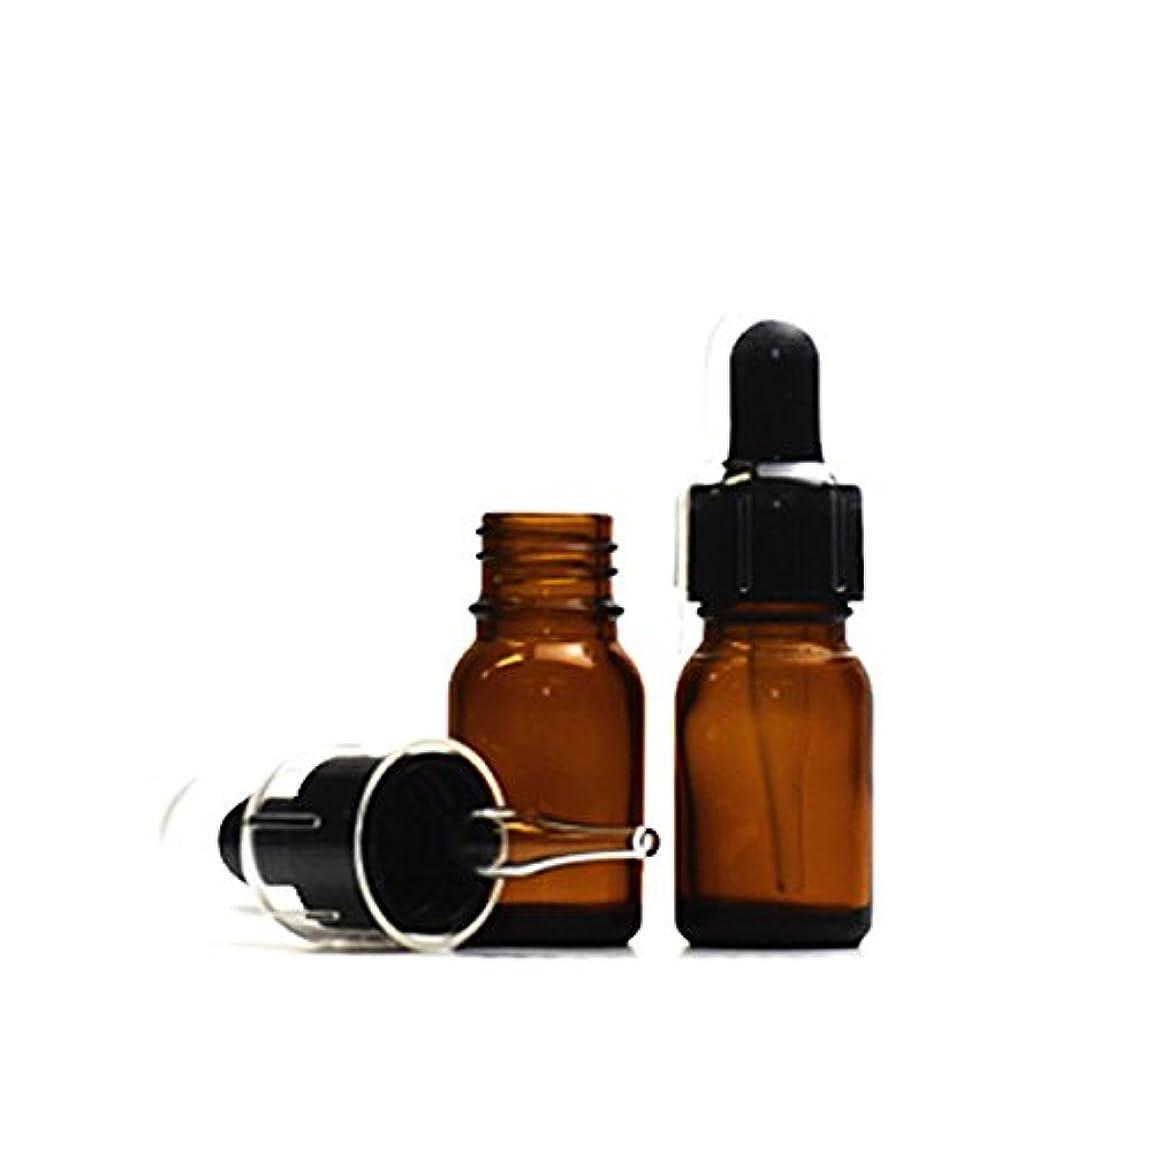 投資する誠実睡眠スポイトキャップ付茶色遮光瓶10ml (2本セット) (黒/ガラススポイトキャップ付/オーバーキャップ付)